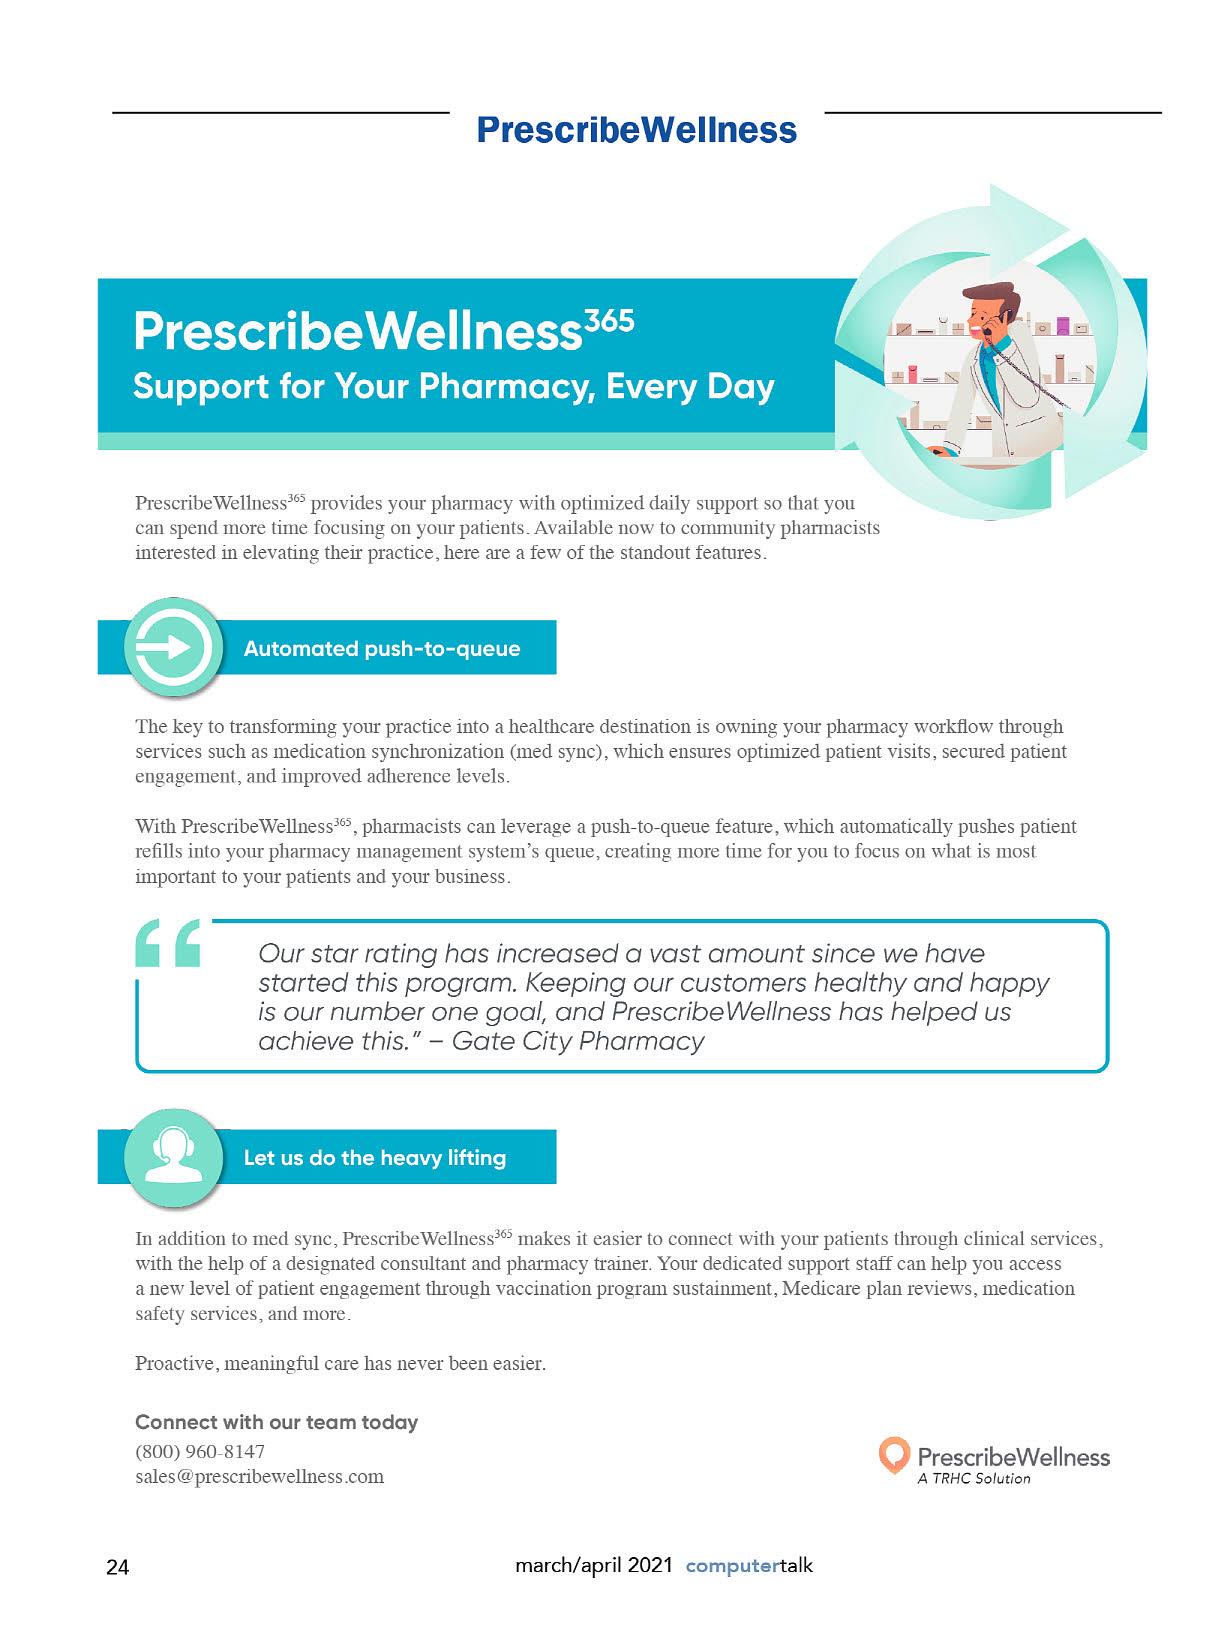 PrescribeWellness_ComputerTalk_Buyers-Guide_MarchApril_2021_24